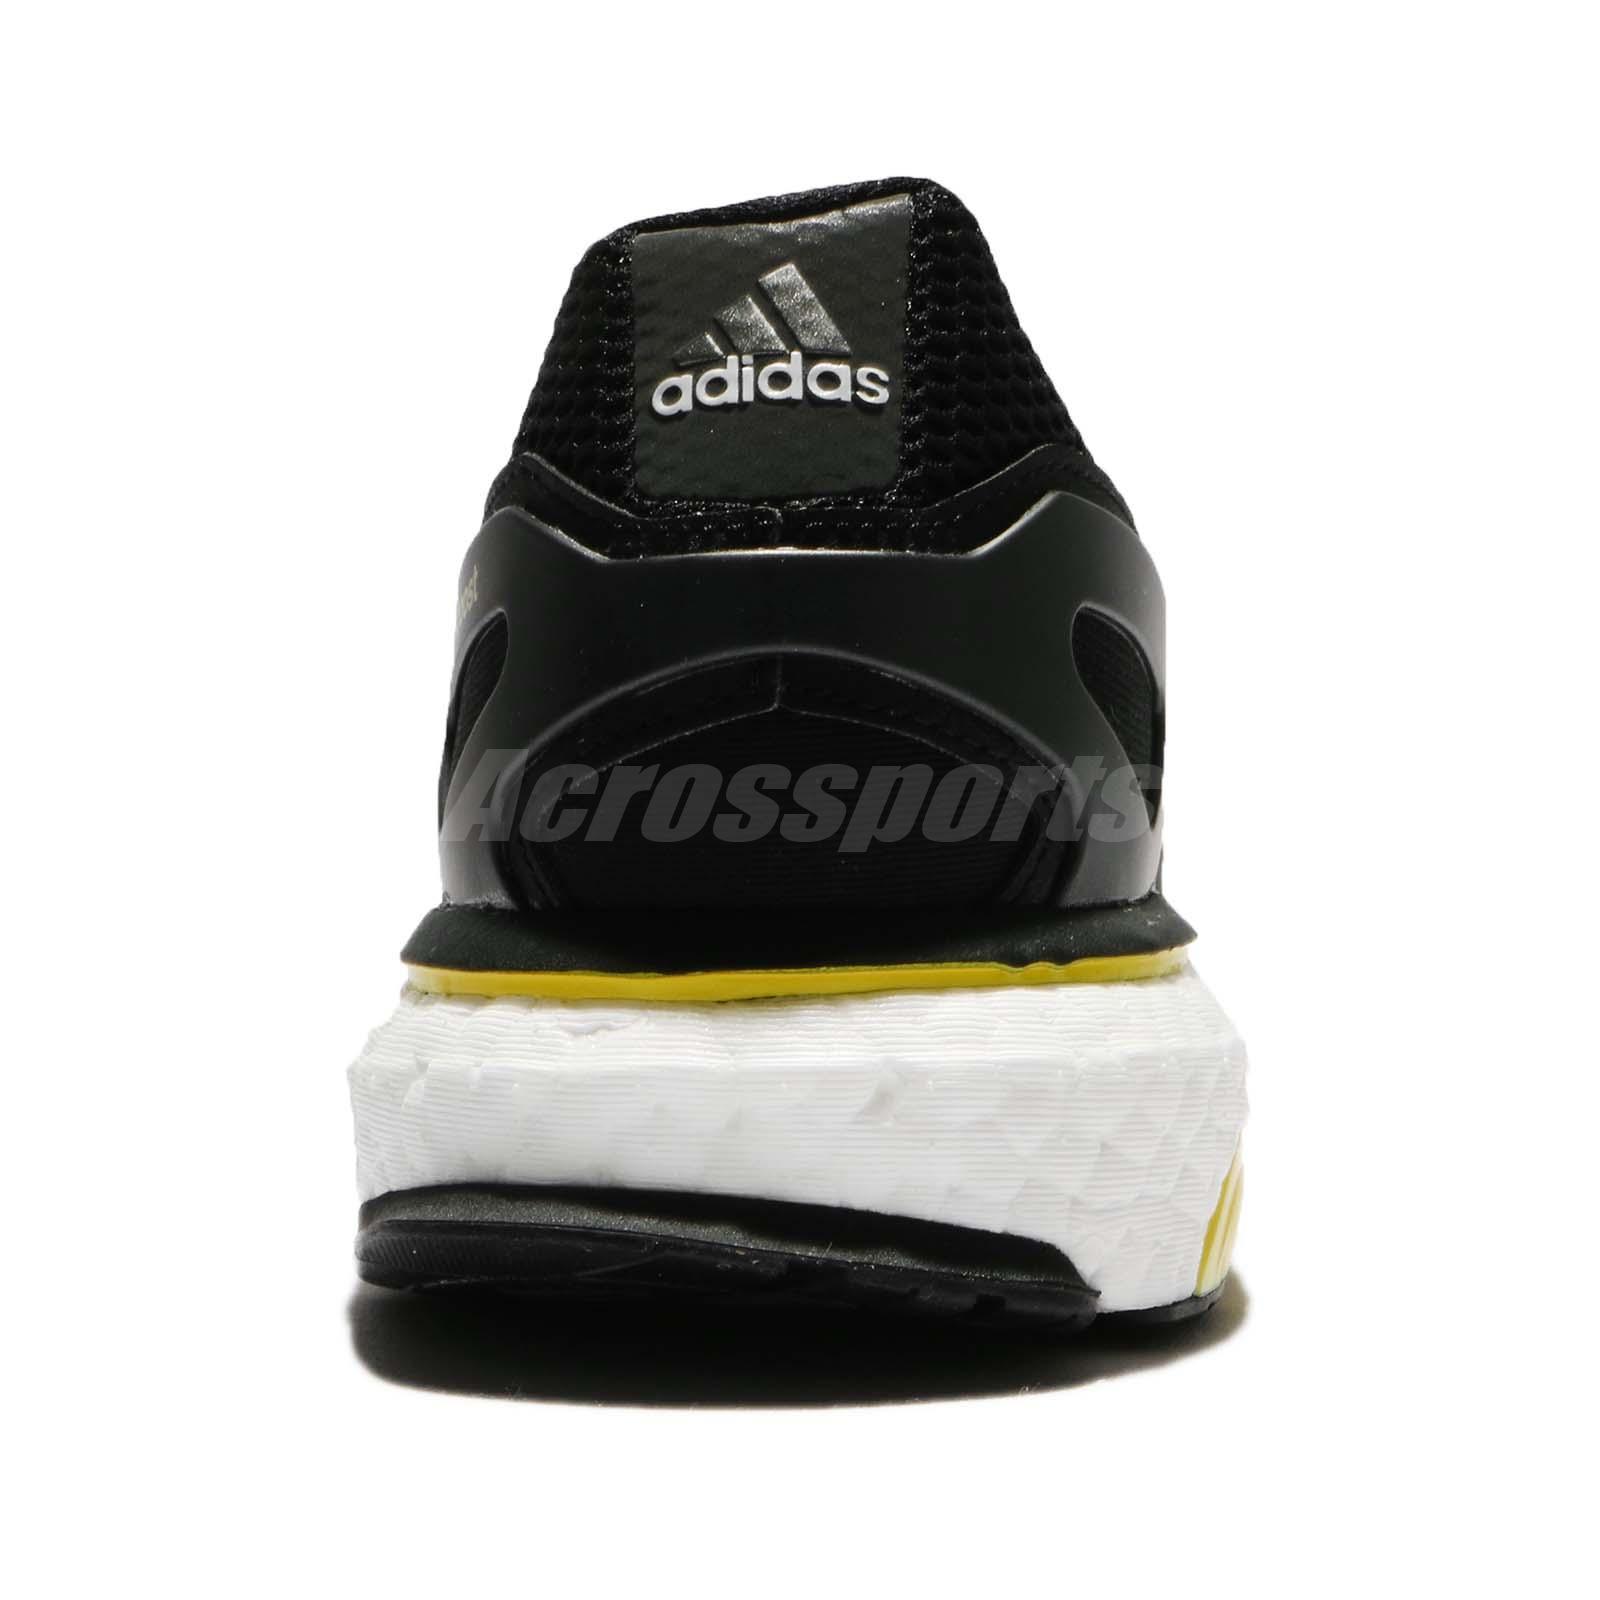 10481820afd adidas Energy BOOST M OG Retro 2018 Black Yellow White Men Running ...